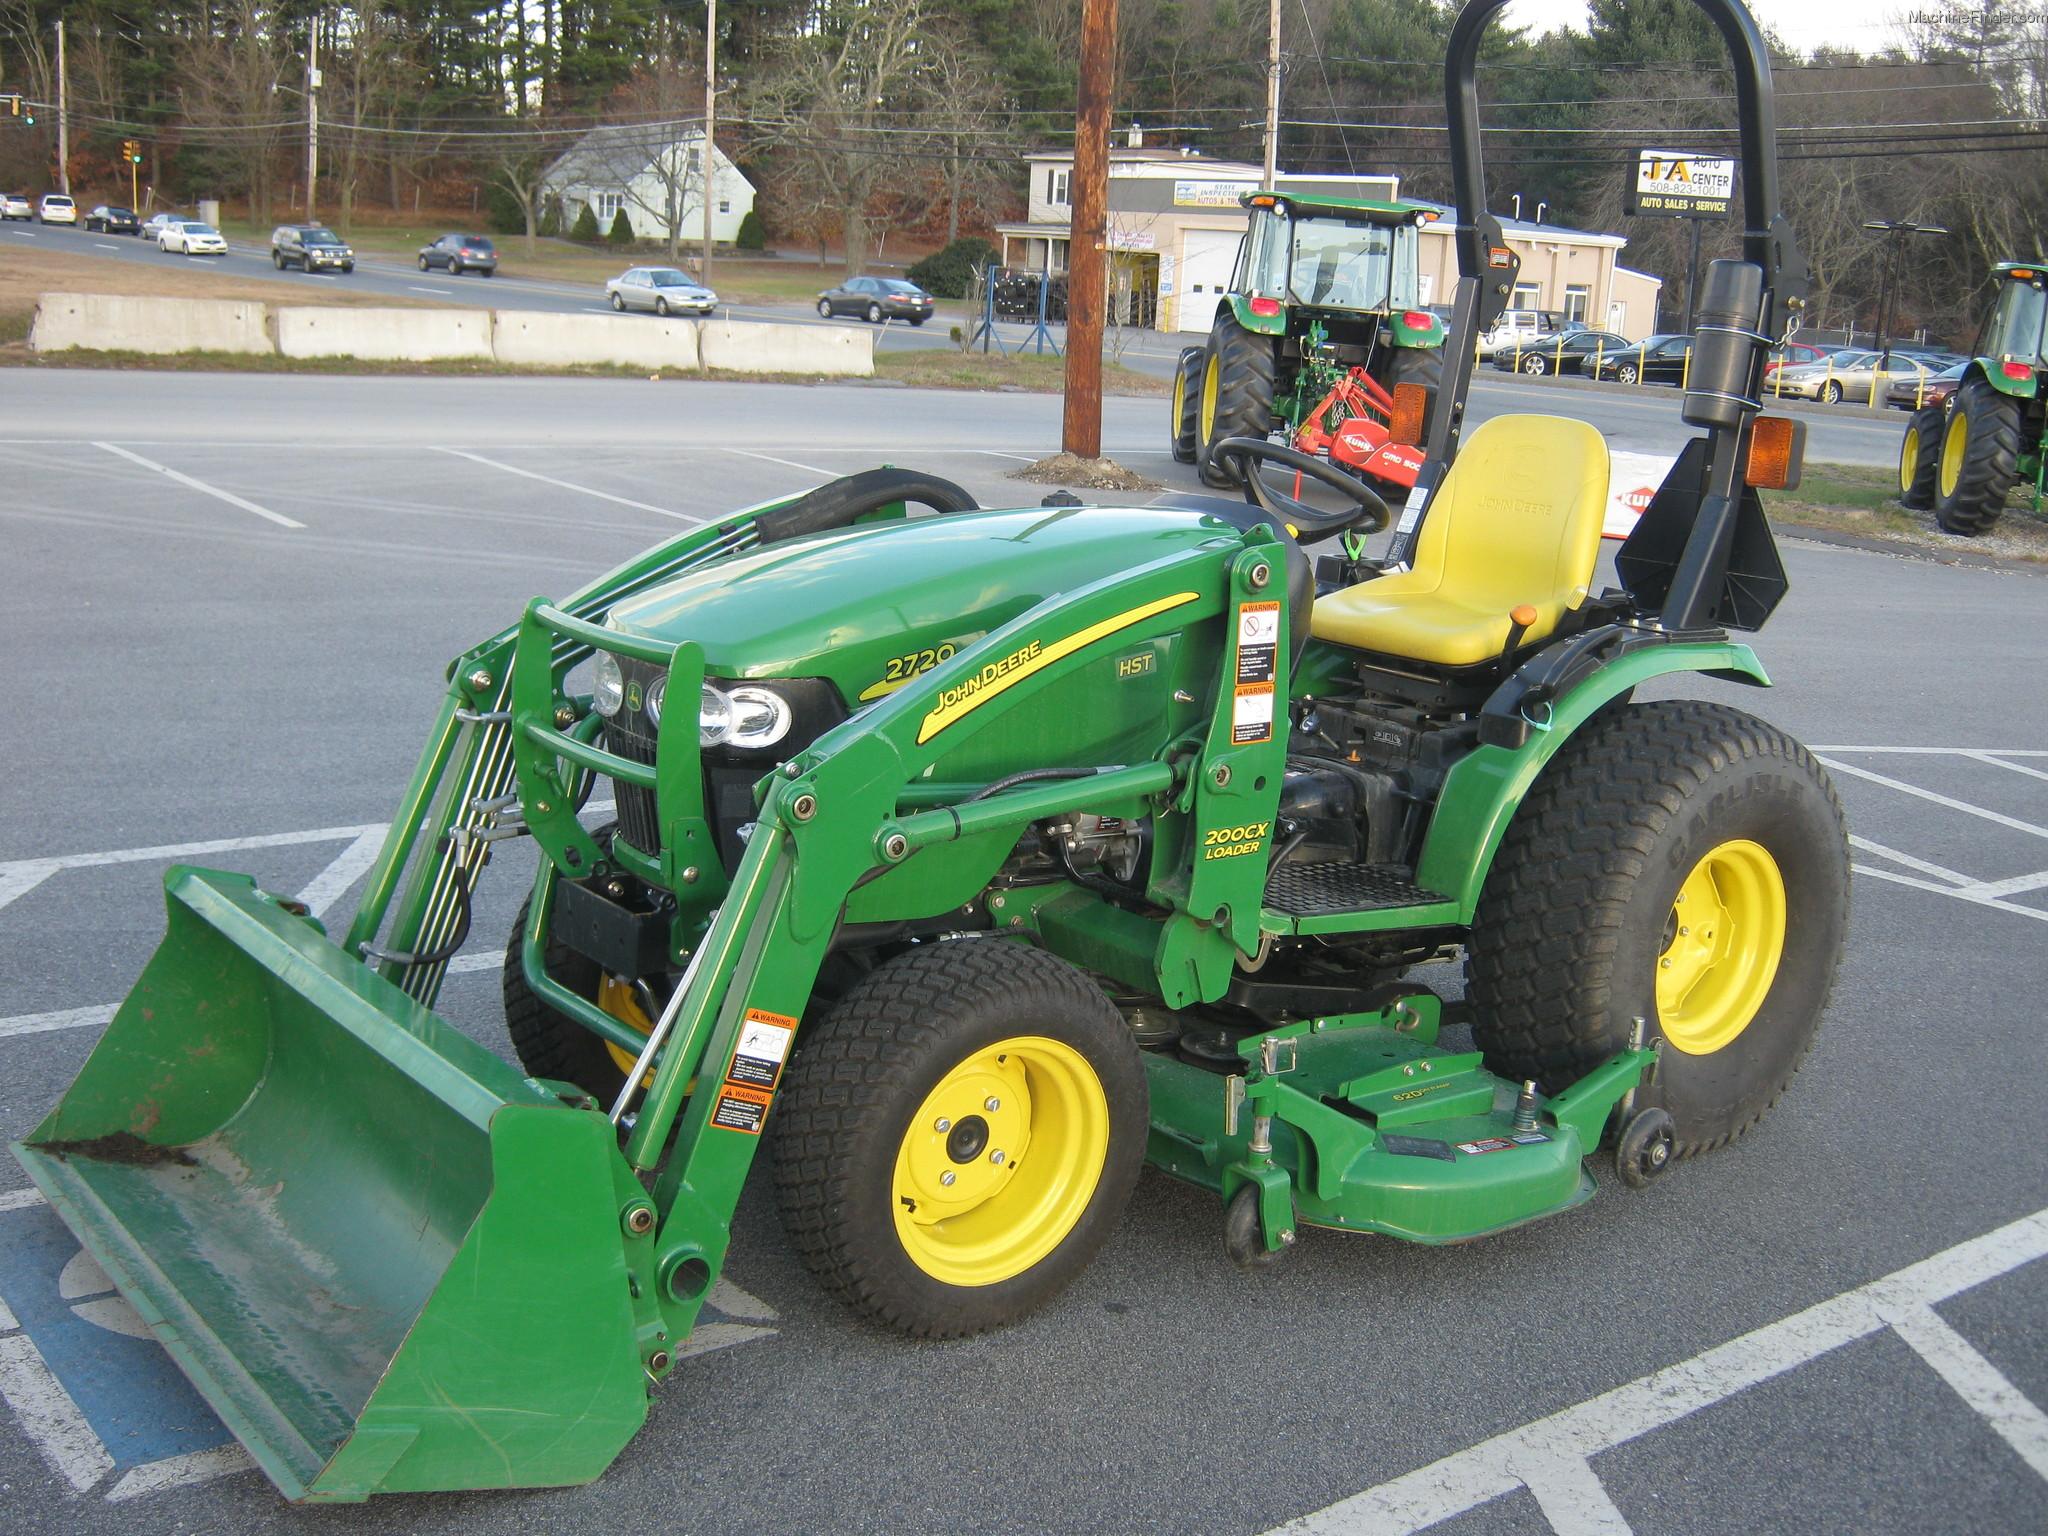 2010 John Deere 2720 CUT Tractors - Compact (1-40hp ...